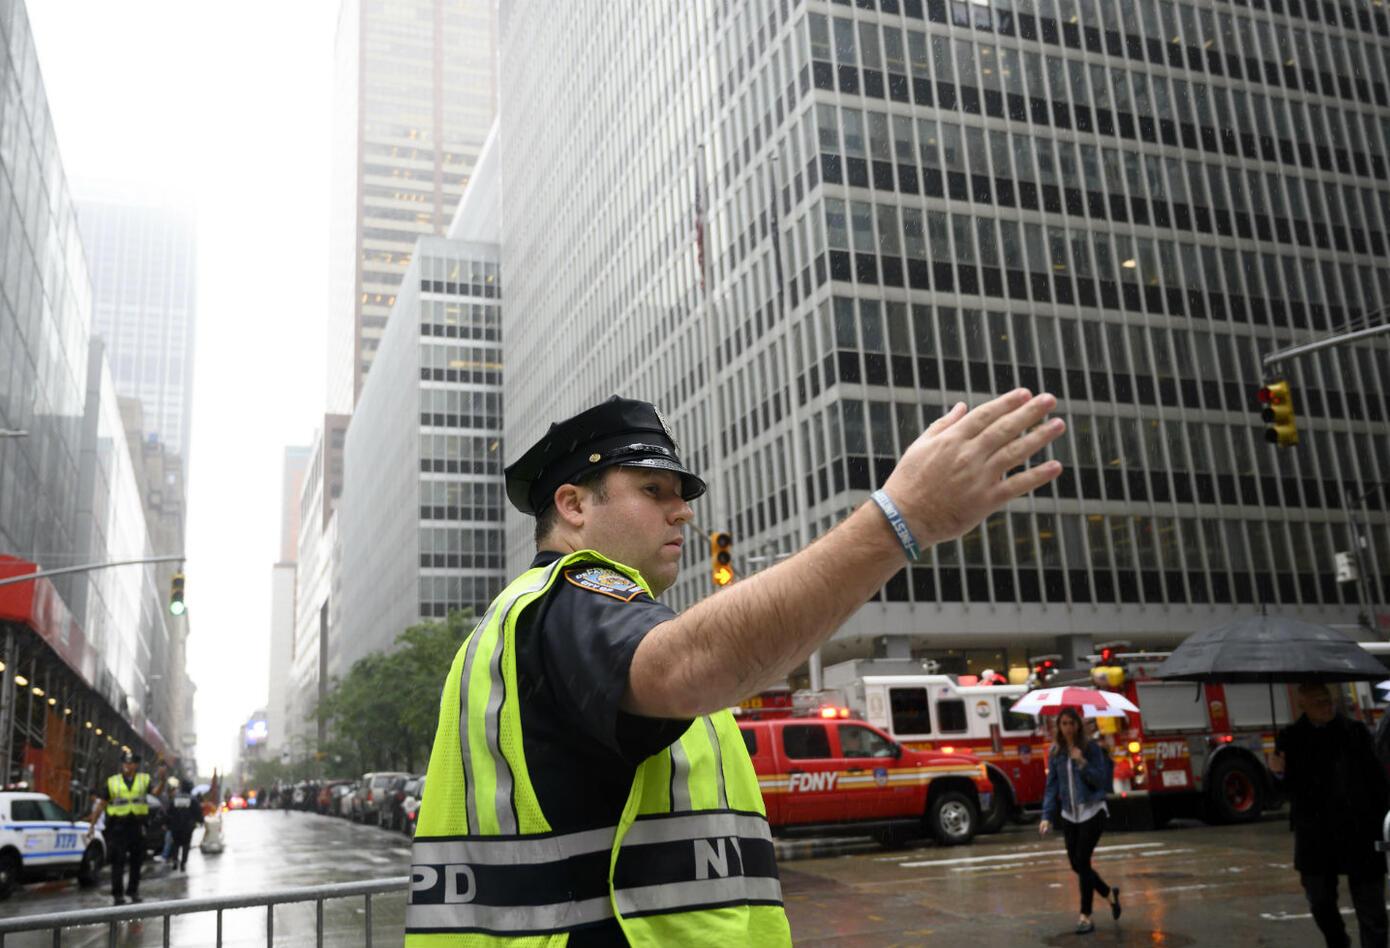 Un helicóptero se estrelló contra un edificio en New York - Mundo